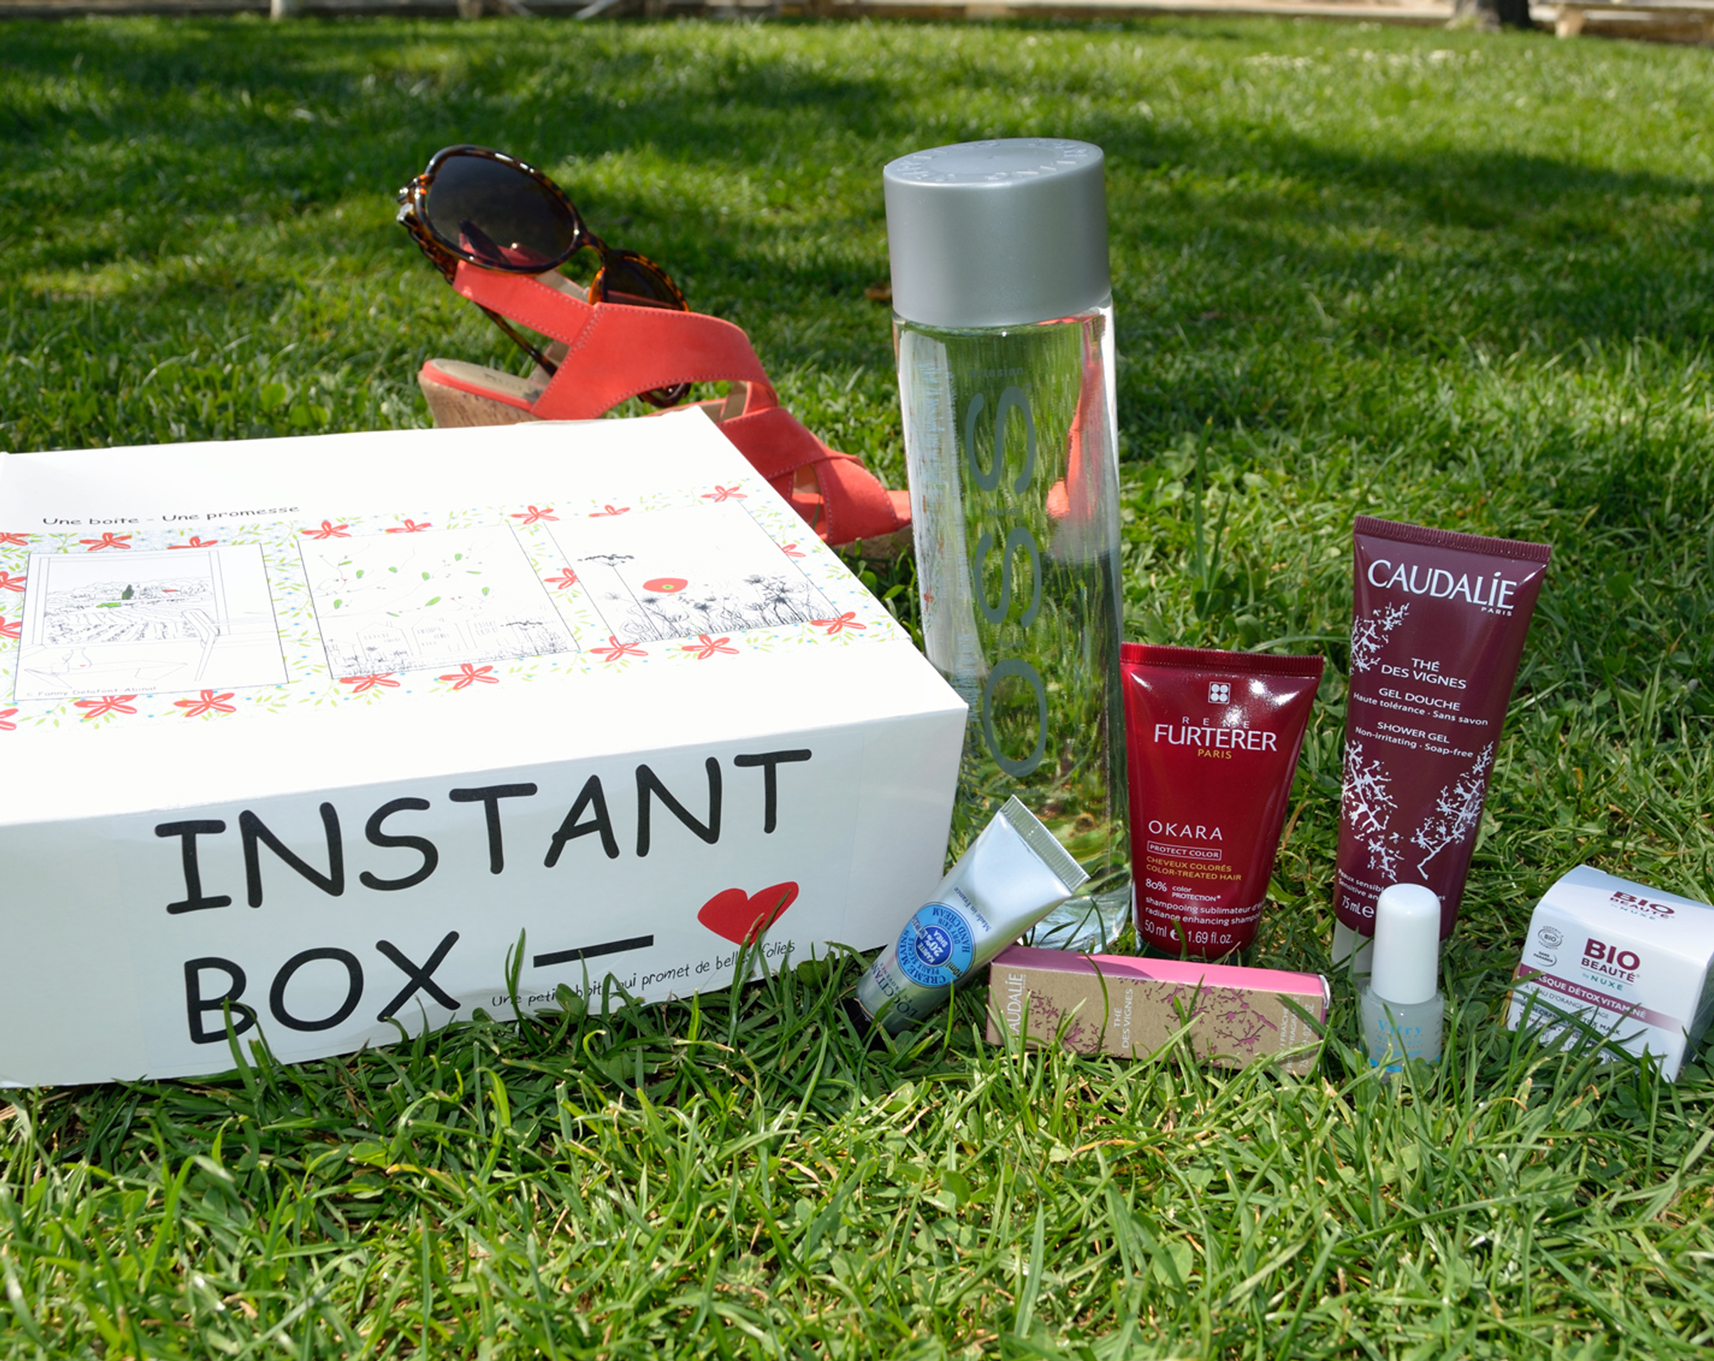 INSTANT BOX Printemps : la box lance sa 2nde boîte et se distribue aussi sur Nîmes